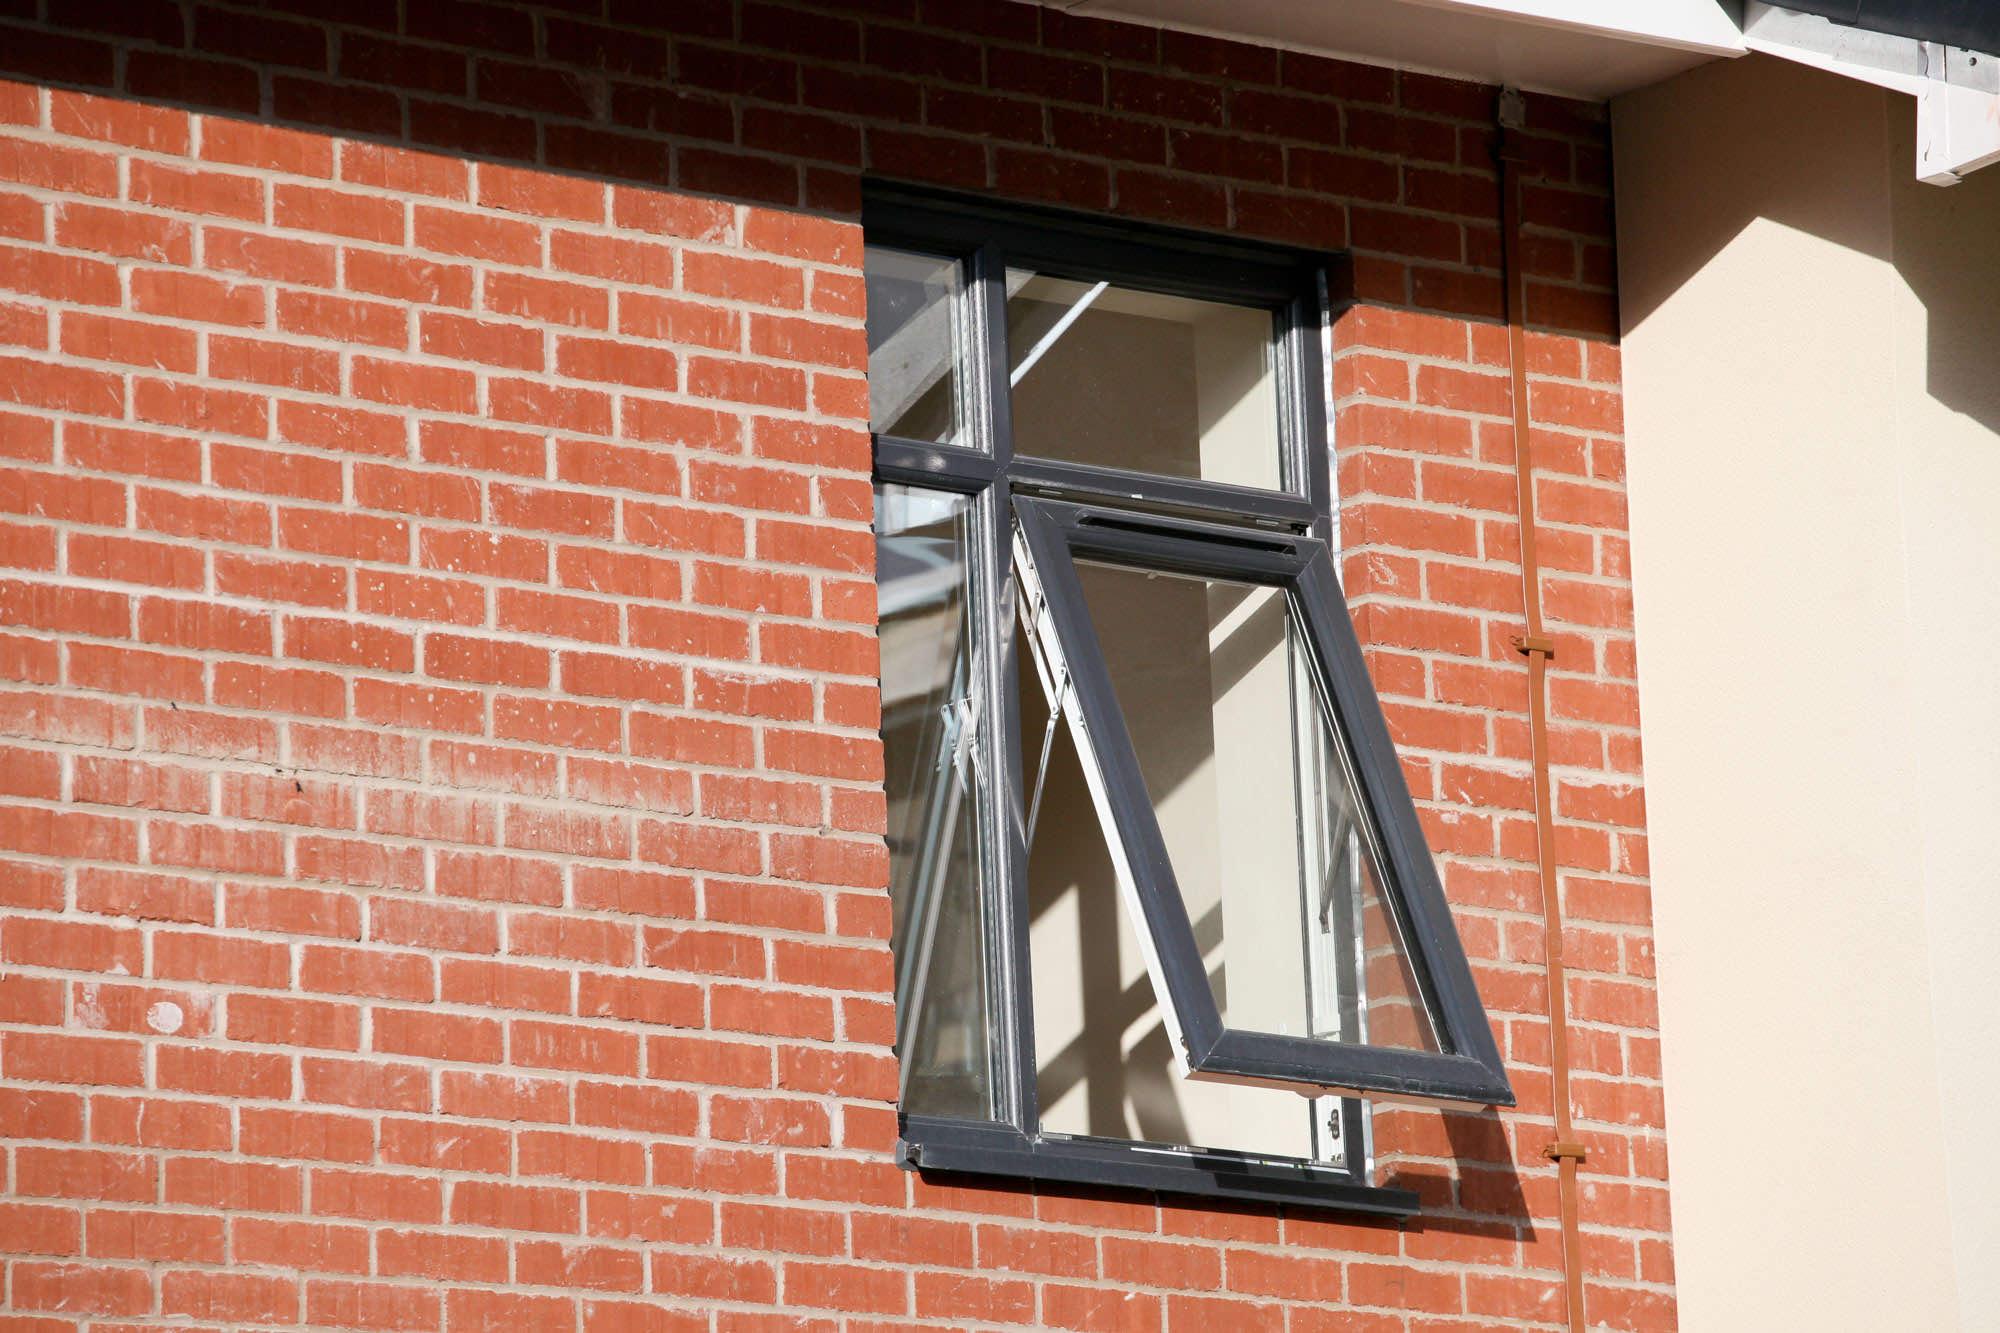 3. Push-out casement windows